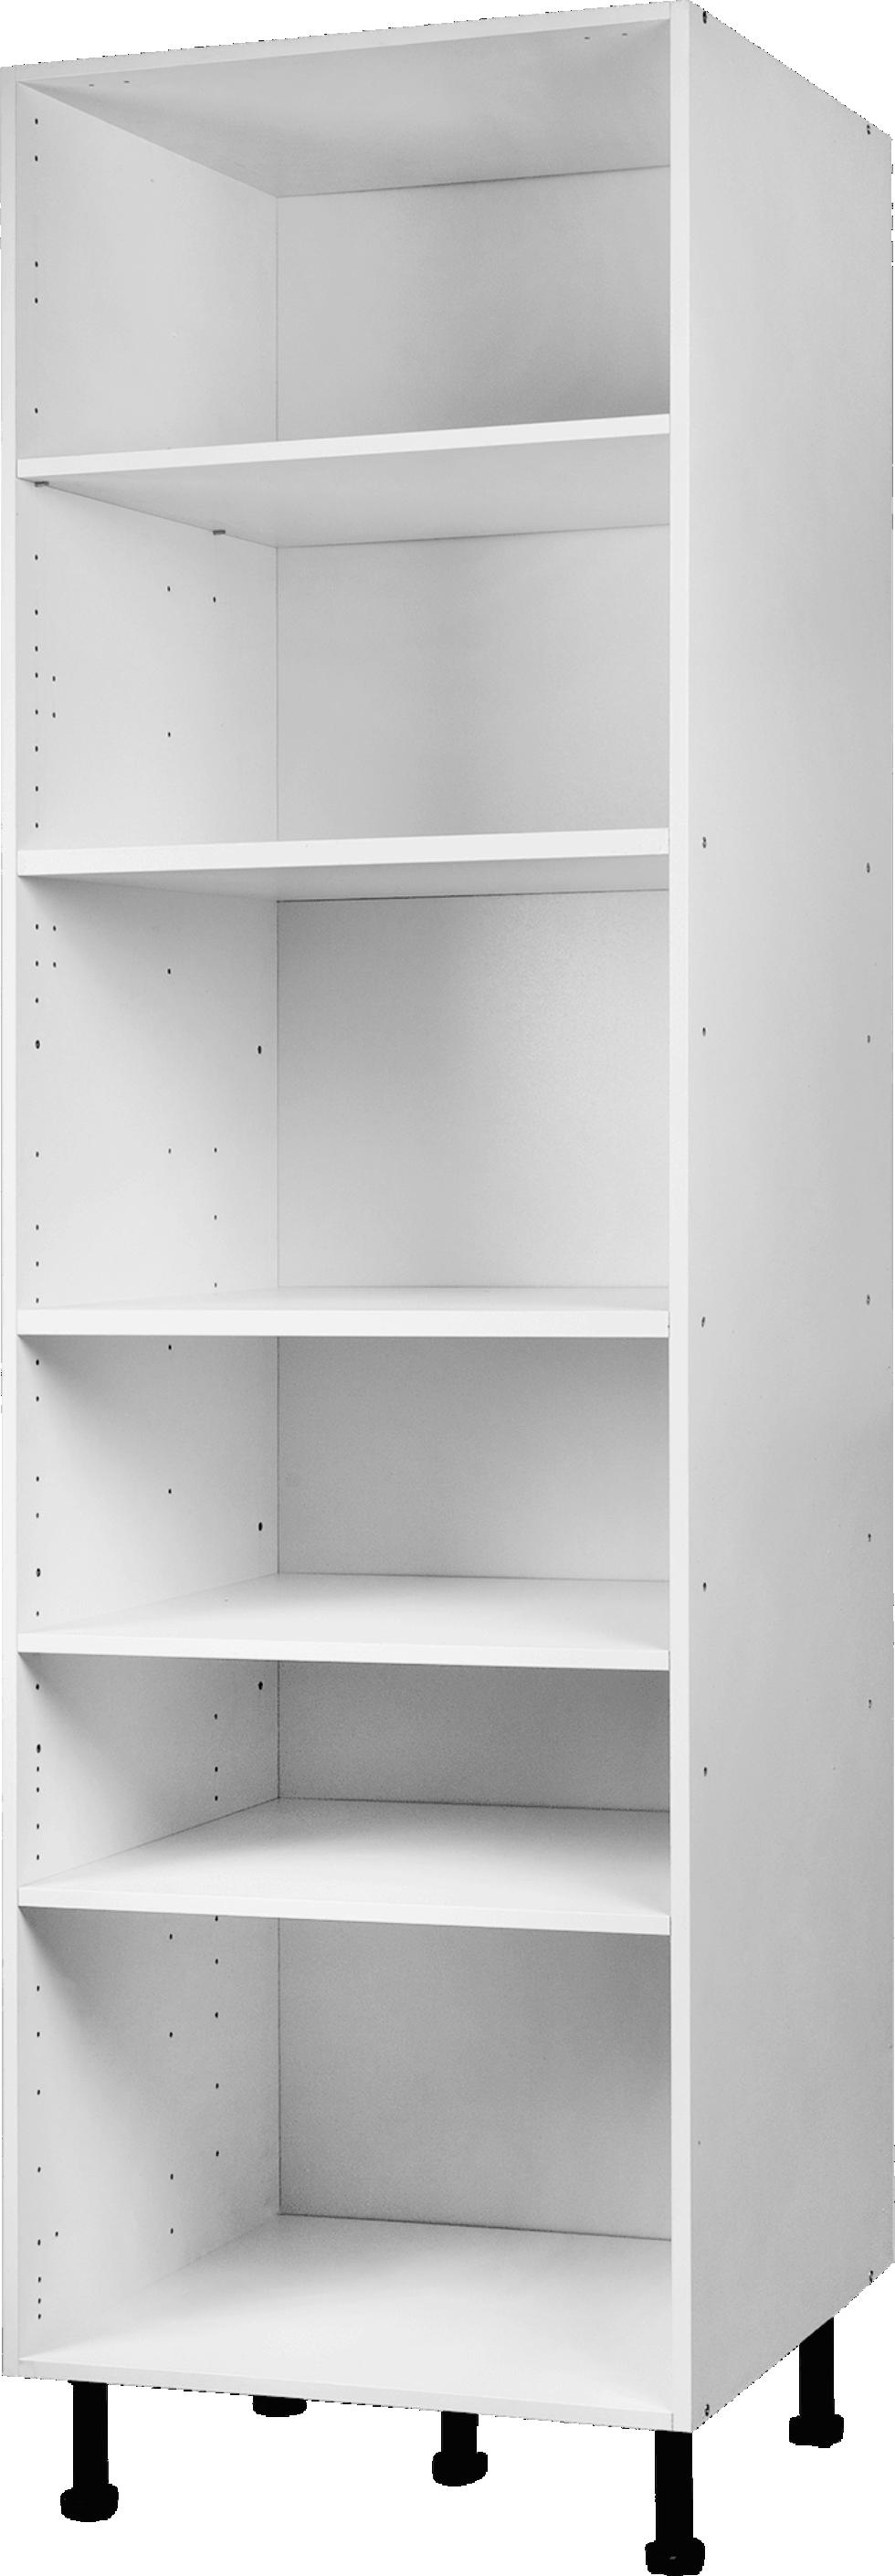 Колонка напольная 60х56х200 см, ЛДСП, цвет белый